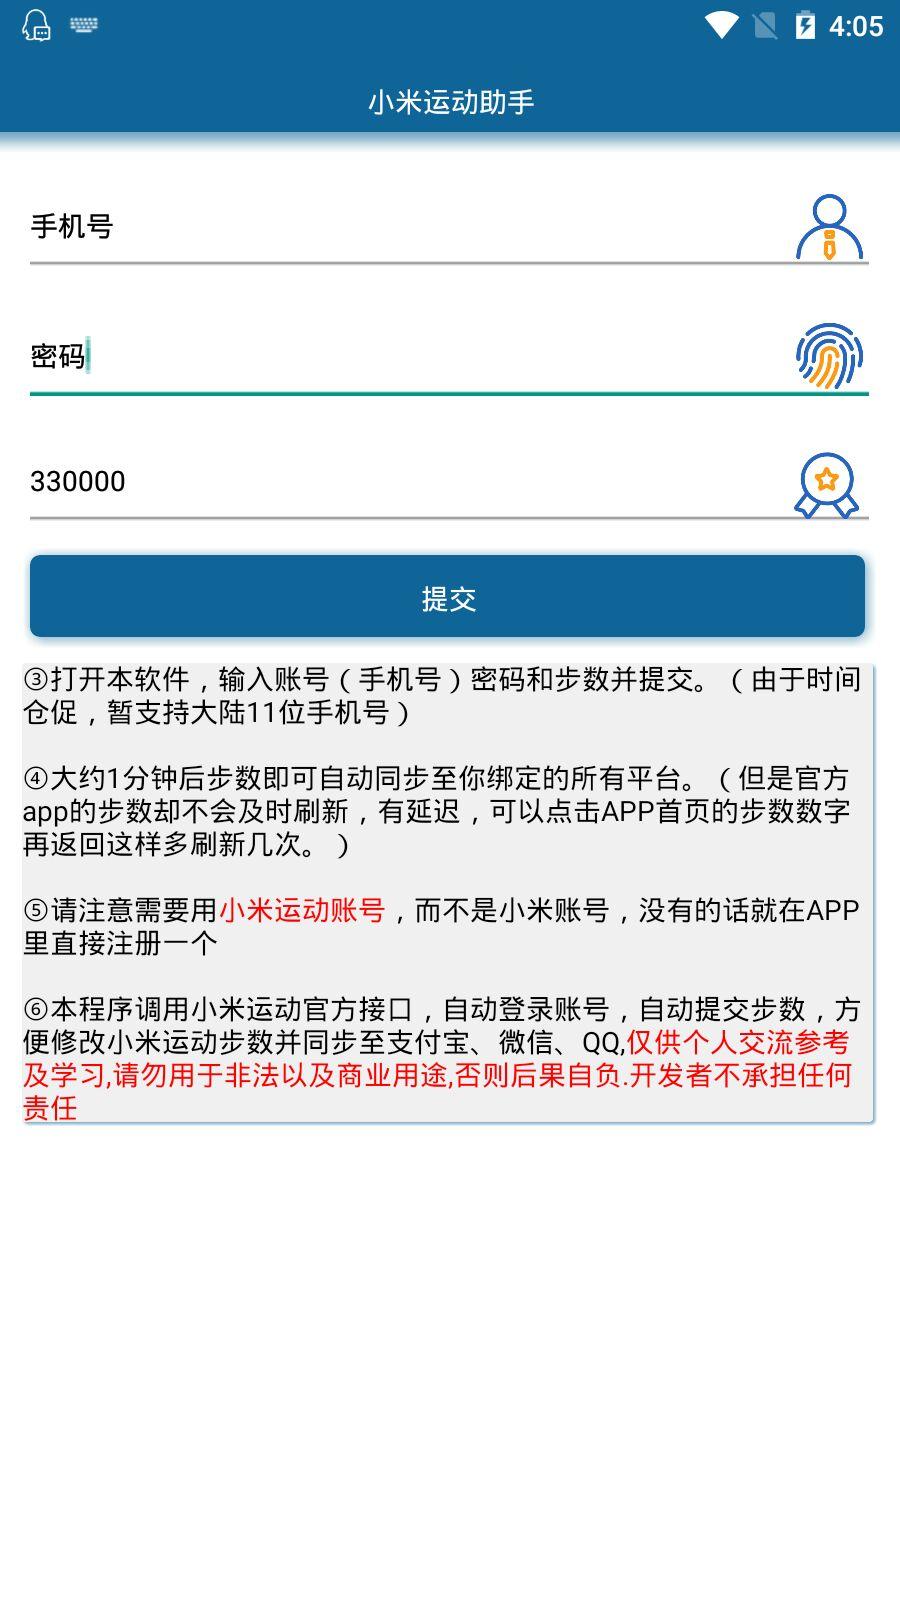 安卓版本自定义小米运动步数数据修改软件,小米运动怎样修改支付宝步数。